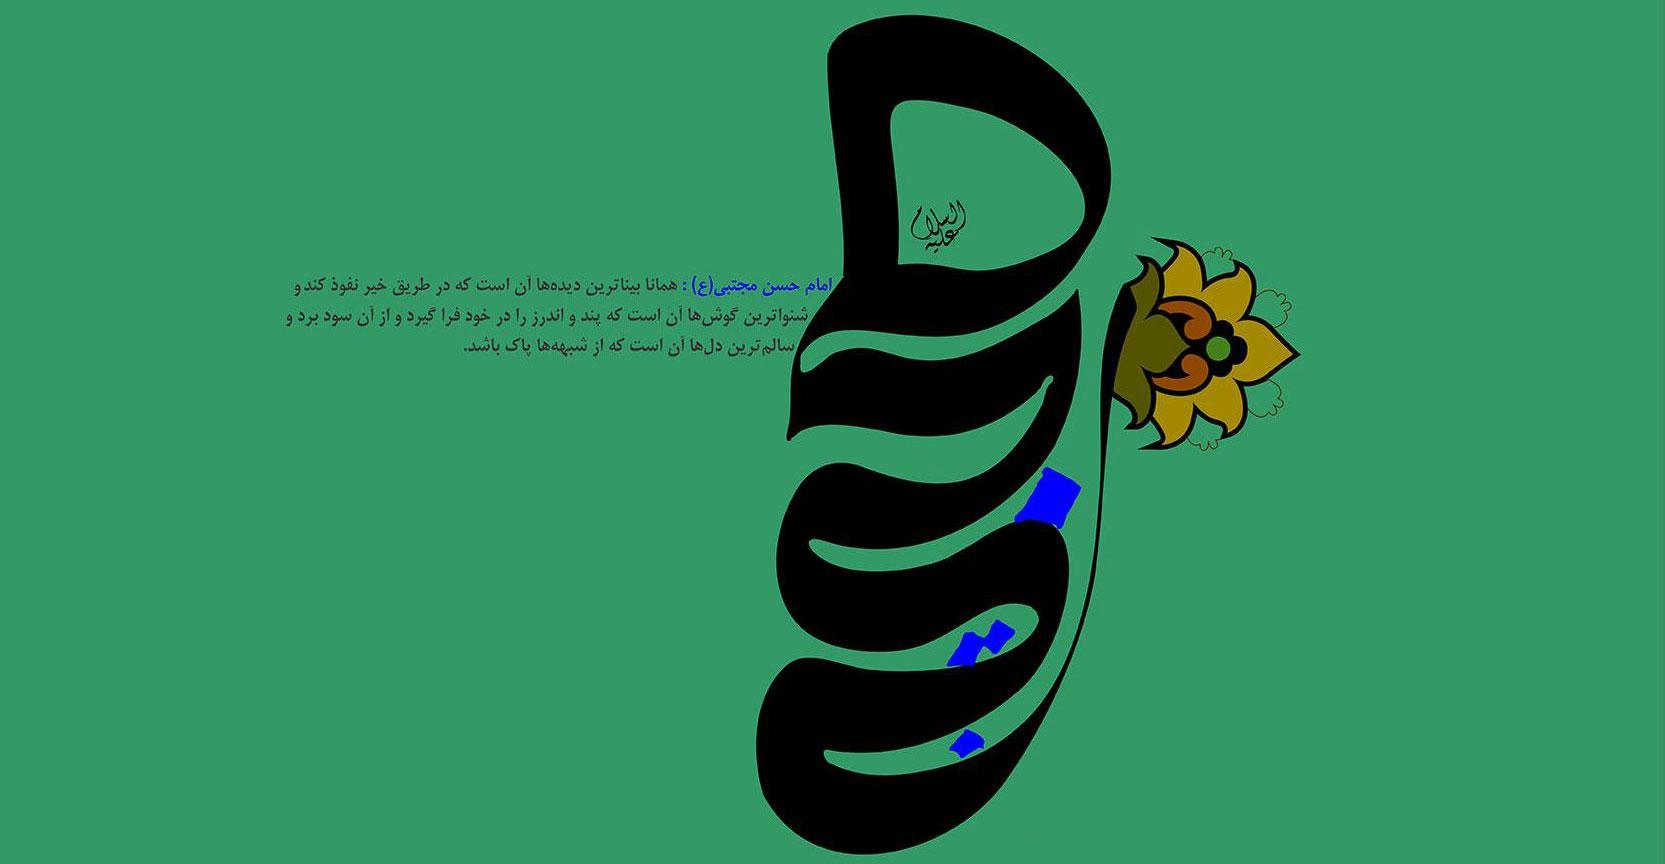 فضایل امام مجتبی (ع) از نگاه دیگران